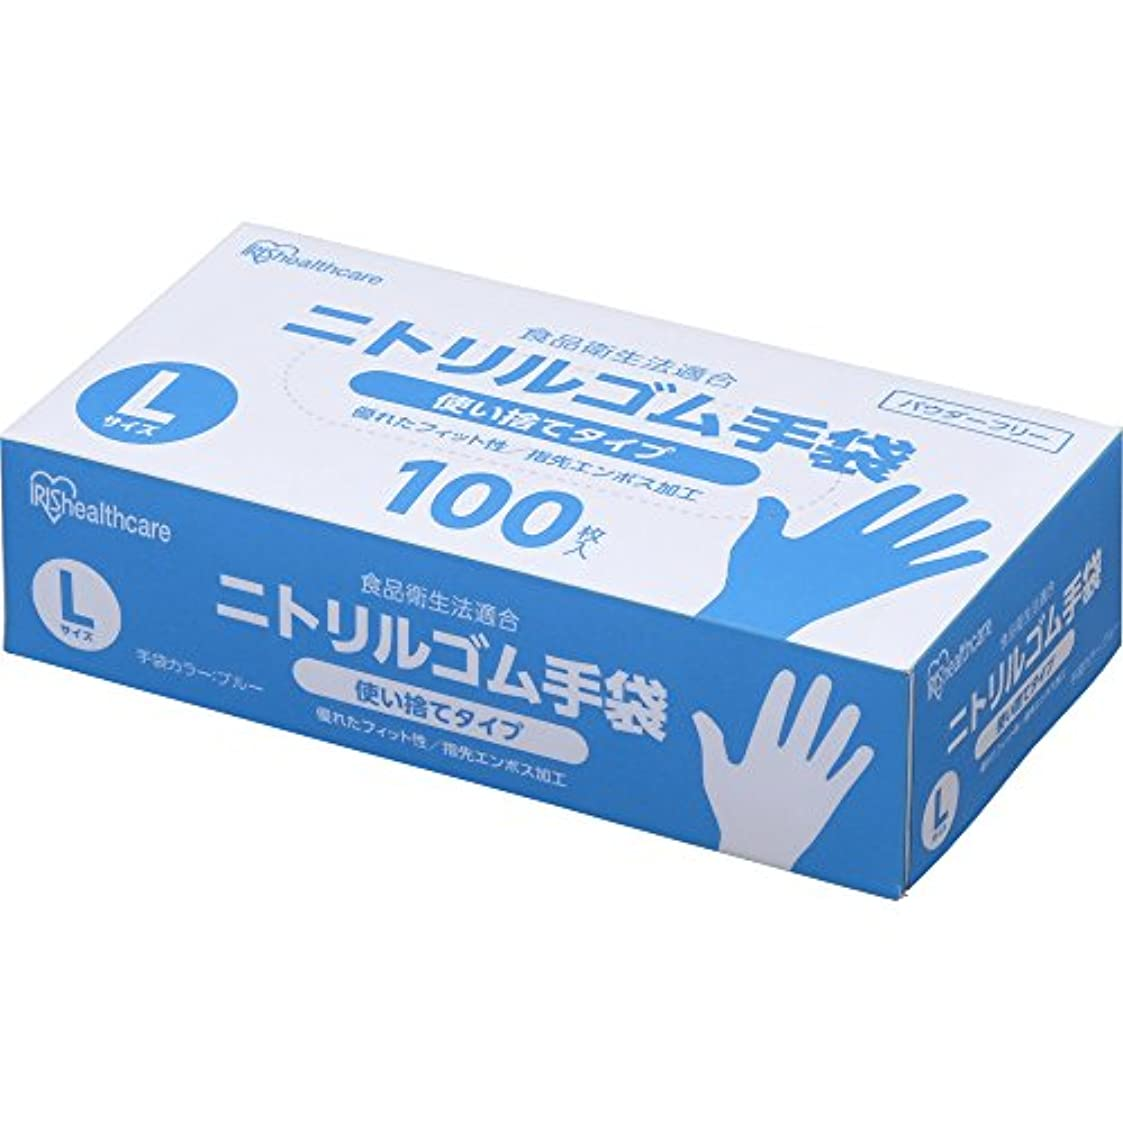 ボルト合成自伝アイリスオーヤマ 使い捨て手袋 ブルー ニトリルゴム 100枚 Lサイズ 業務用